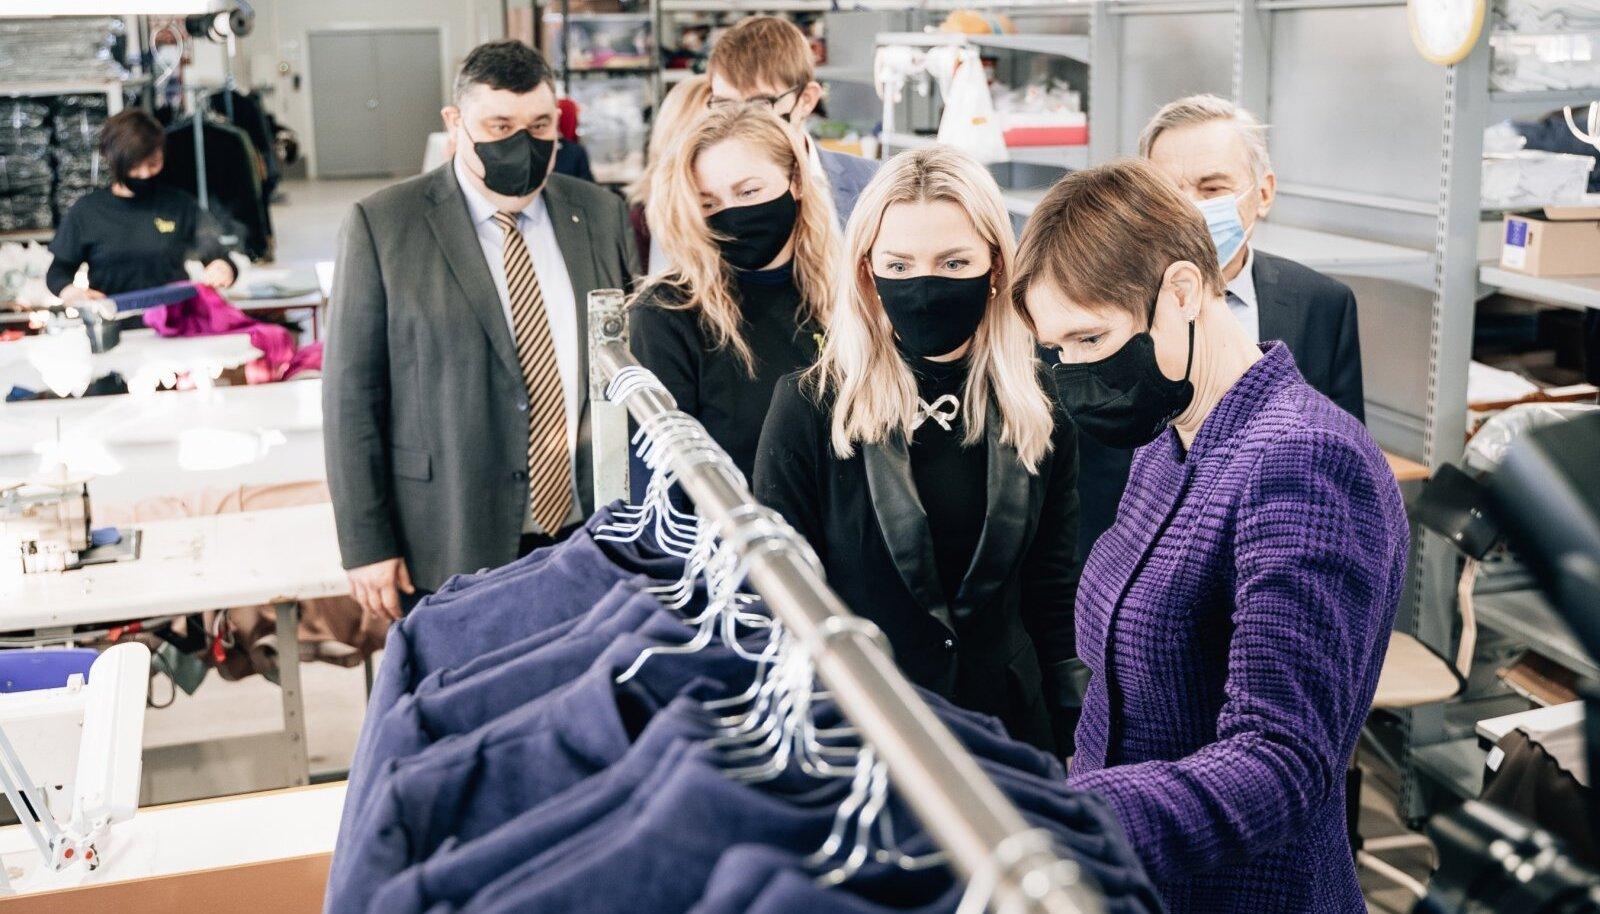 Tallinn Dollsi juhi Mari Martini (paremalt teine) sõnul õjus see, et president Kersti Kaljulaid jaanuaris nende uut tootmishoonet vaatamas käis, ka ettevõtte töötajale motiveerivalt.